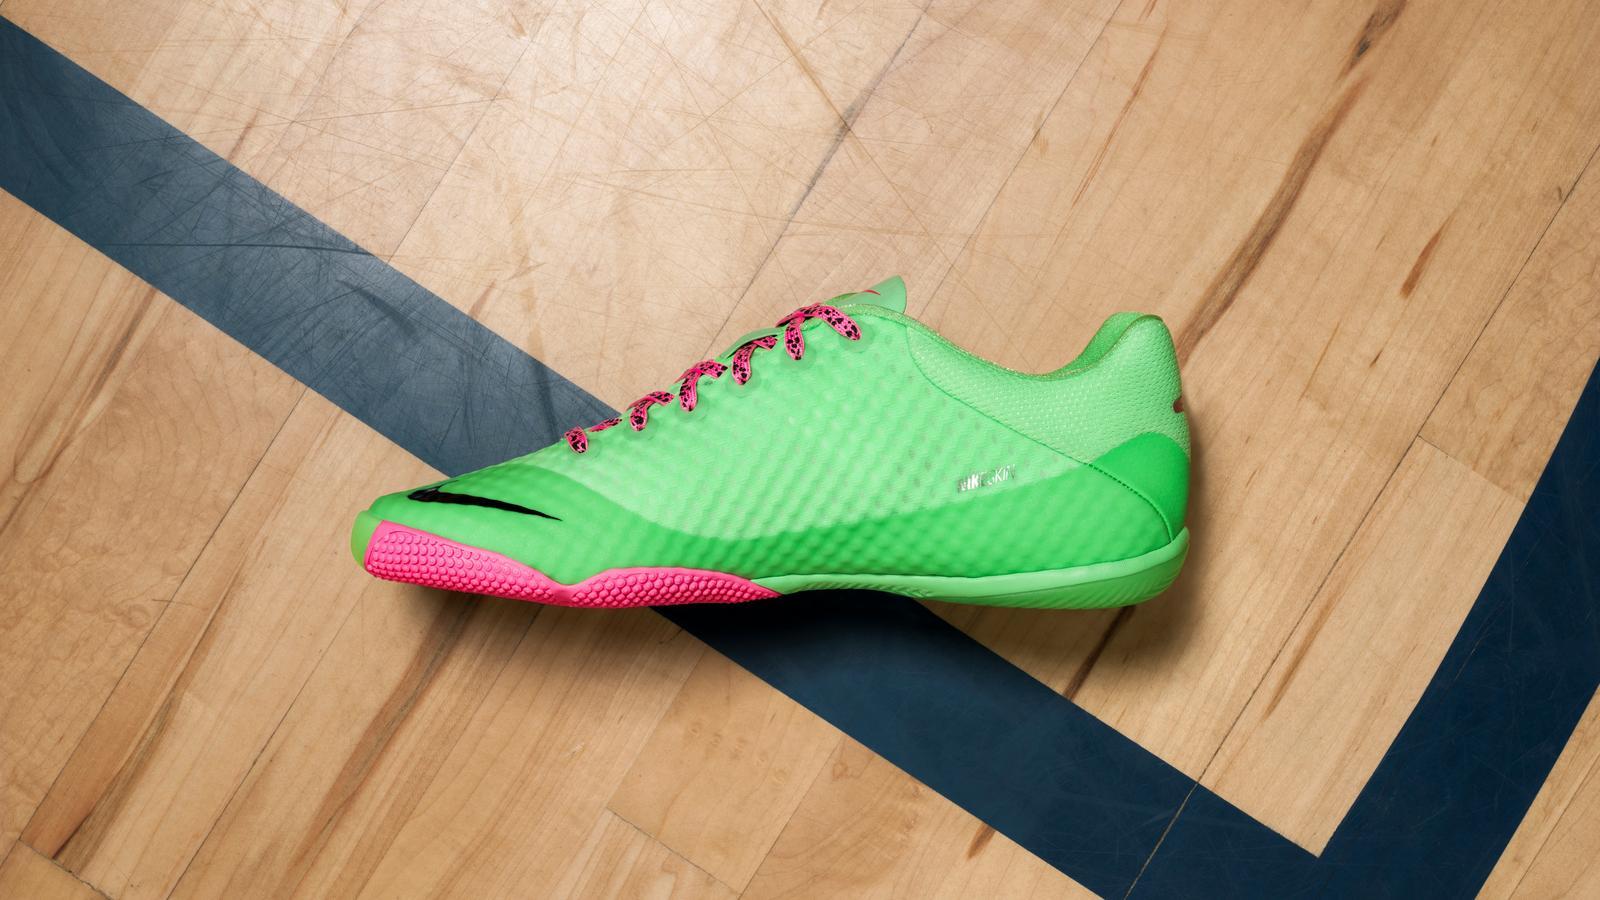 Nike Elastico Finale II Profile